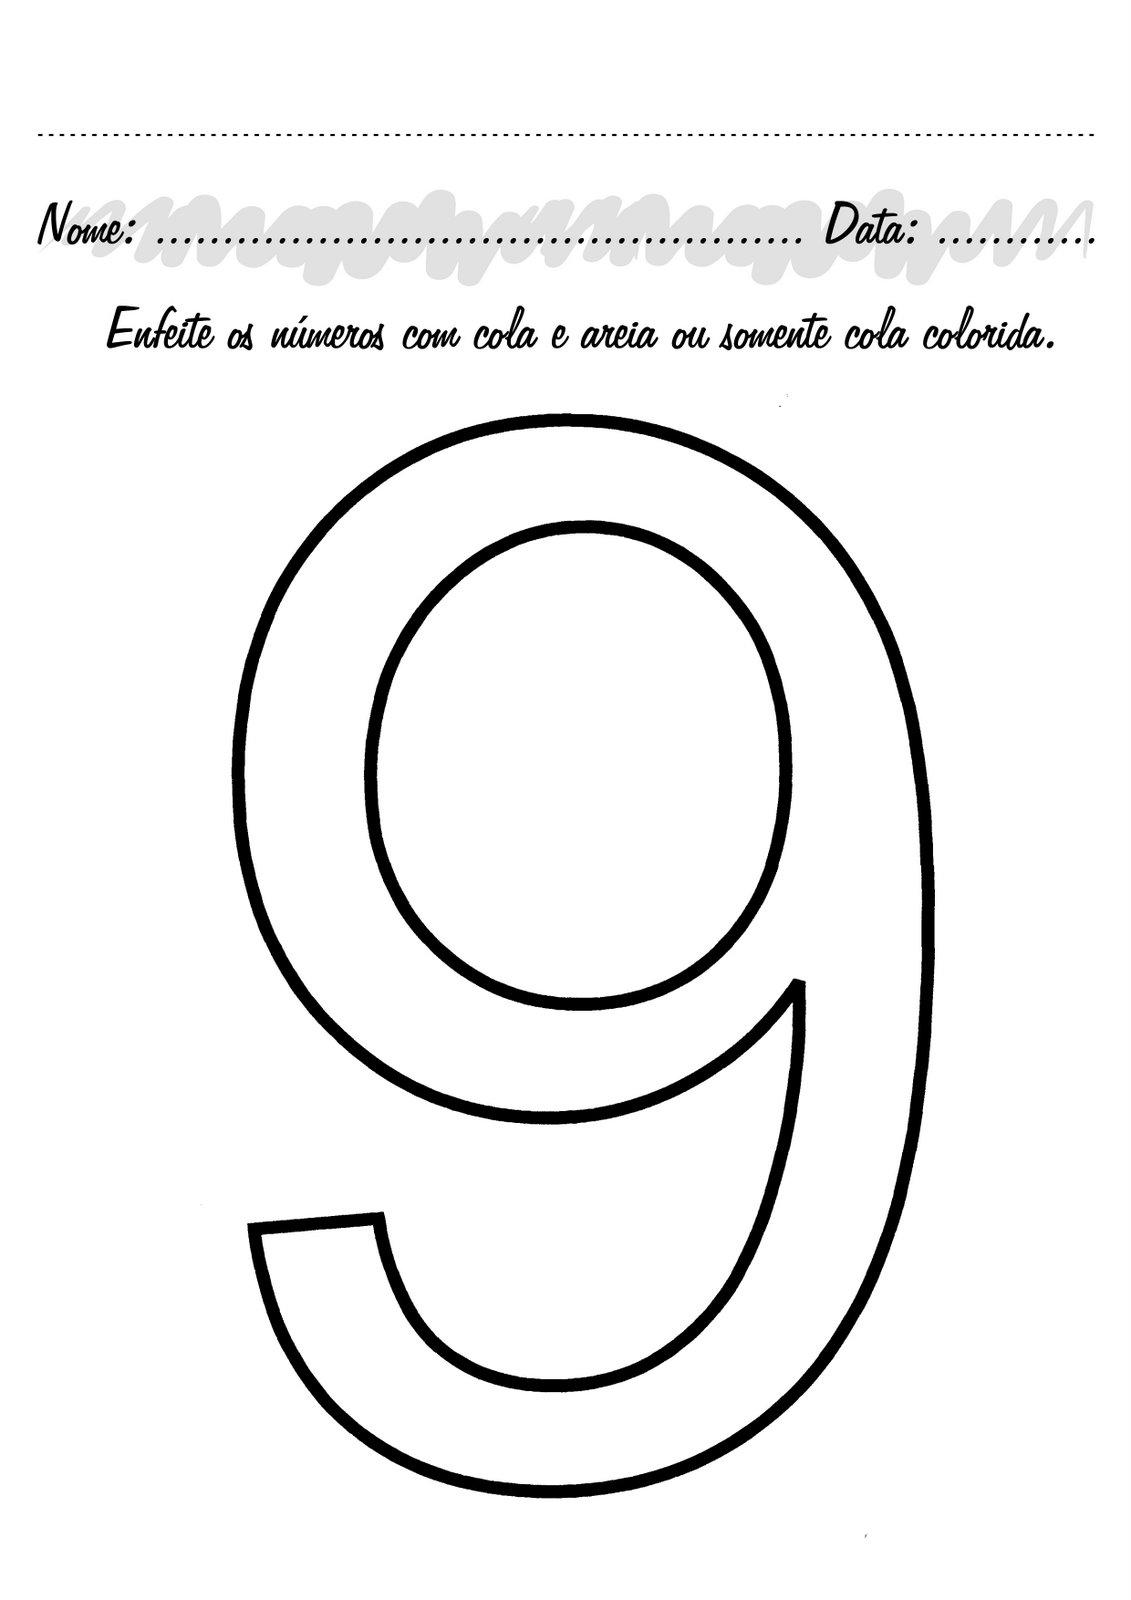 IMAGEN DEL NUMERO 9 PARA COLOREAR - Imagui